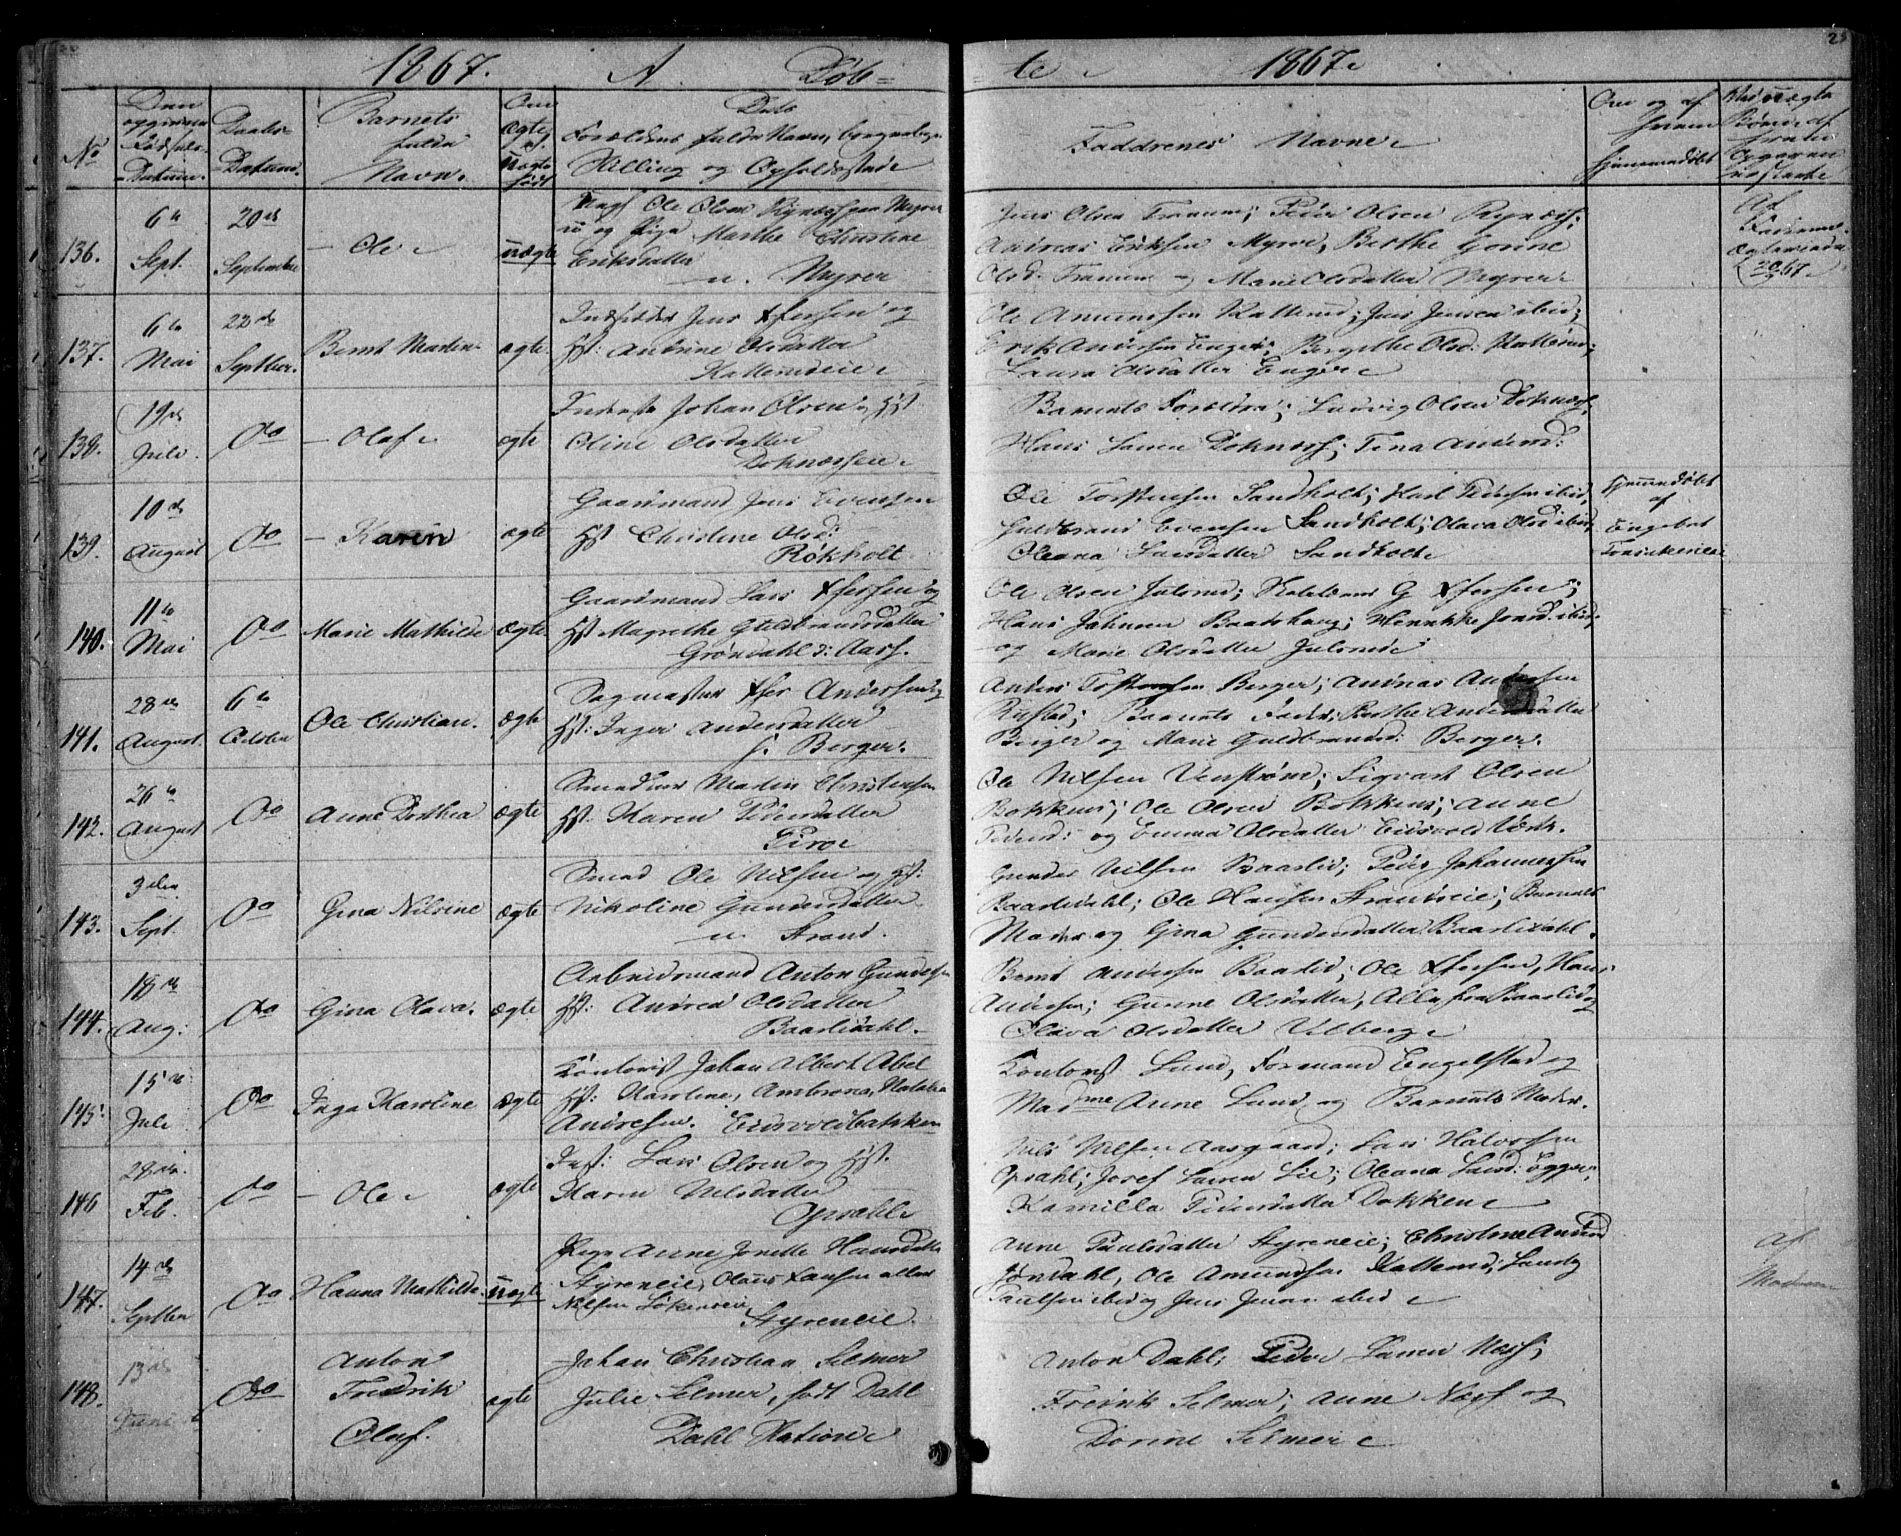 SAO, Eidsvoll prestekontor Kirkebøker, G/Ga/L0002: Klokkerbok nr. I 2, 1866-1871, s. 25